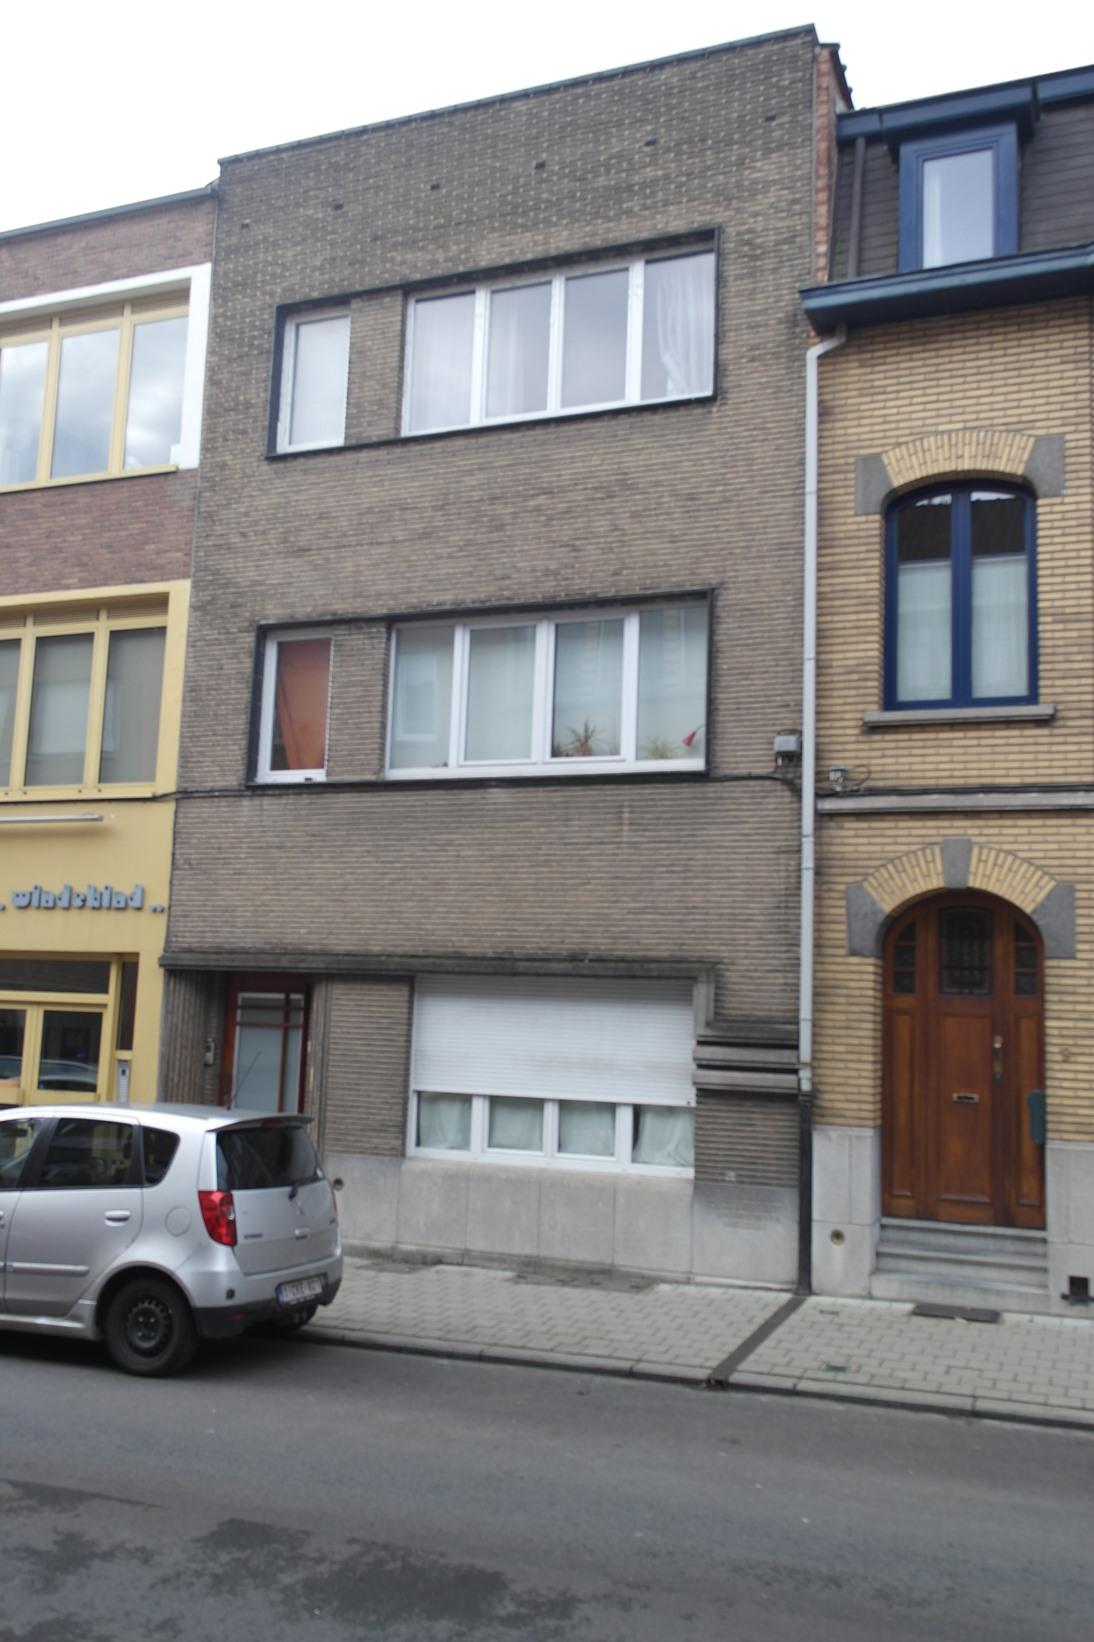 Rue Van Swae 11, 2015